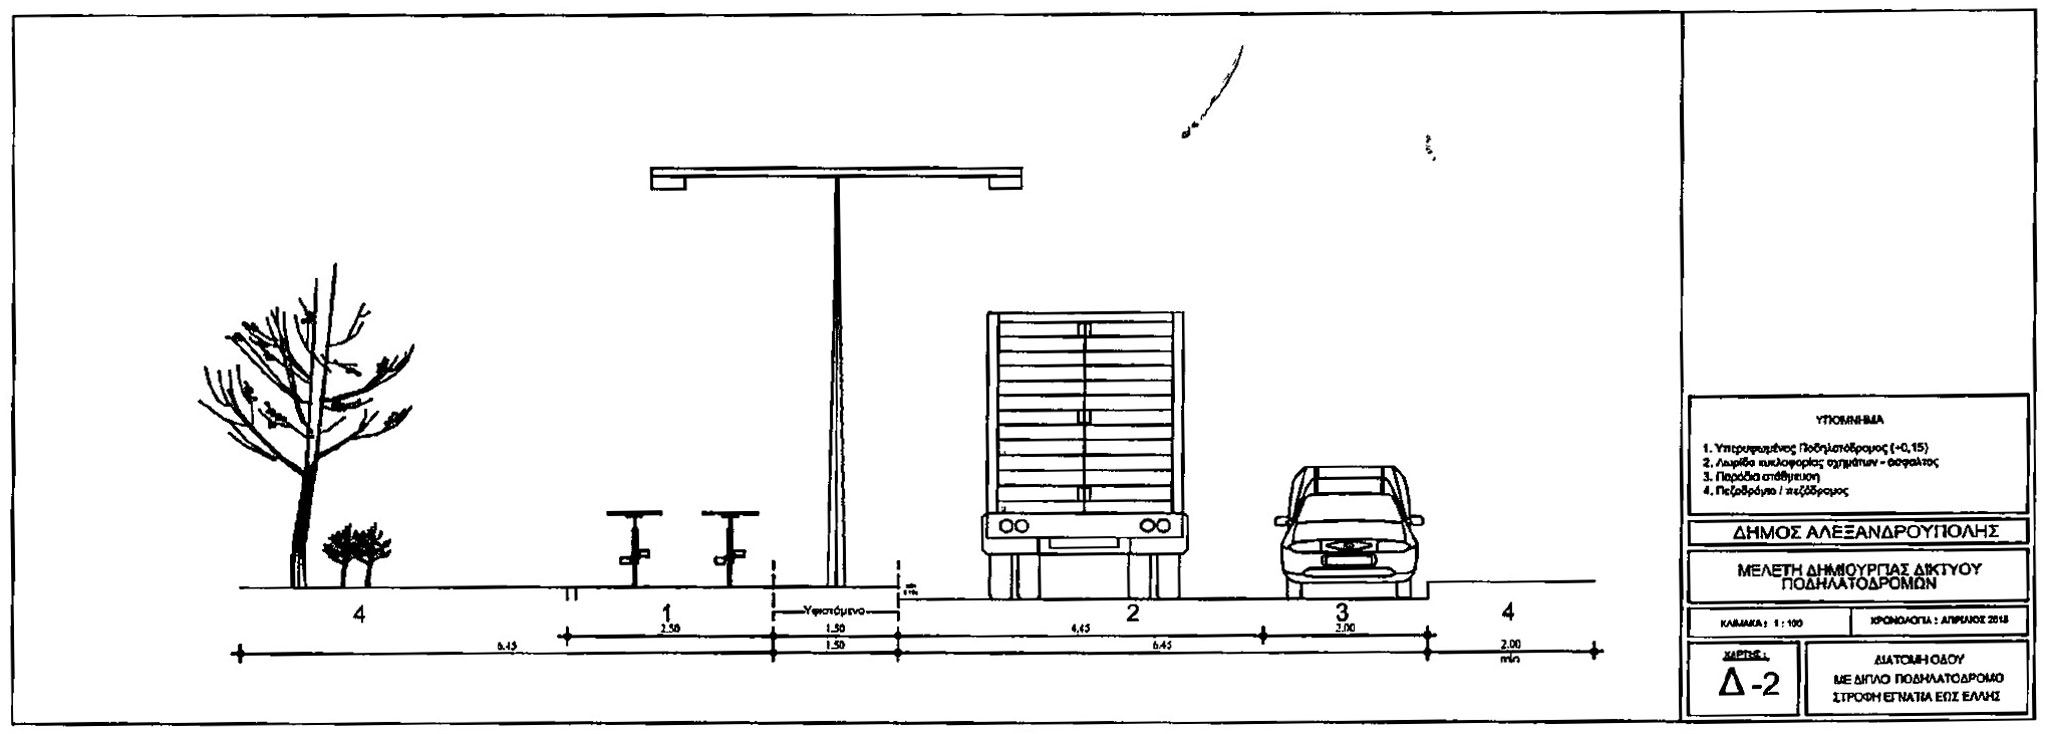 Διατομή Παραλιακής Οδού με διπλό ποδηλατόδρομο στη νότια πλευρά και μονή κατεύθυνση κυκλοφορίας στο βόρειο τμήμα της οδού από στροφή Εγνατία μέχρι την οδό Έλλης στην Αργώ (Θέμα 18 ΔΣ της 27/7/2015 - Επέκταση Ποδηλατοδρόμου - από την εισήγηση της υπηρεσίας - <strong>σύμφωνα με το υπόμνημα, το φορτηγό κυκλοφορεί στο μοναδικό ρεύμα κυκλοφορίας και το όχημα είναι σταθμευμένο</strong>)